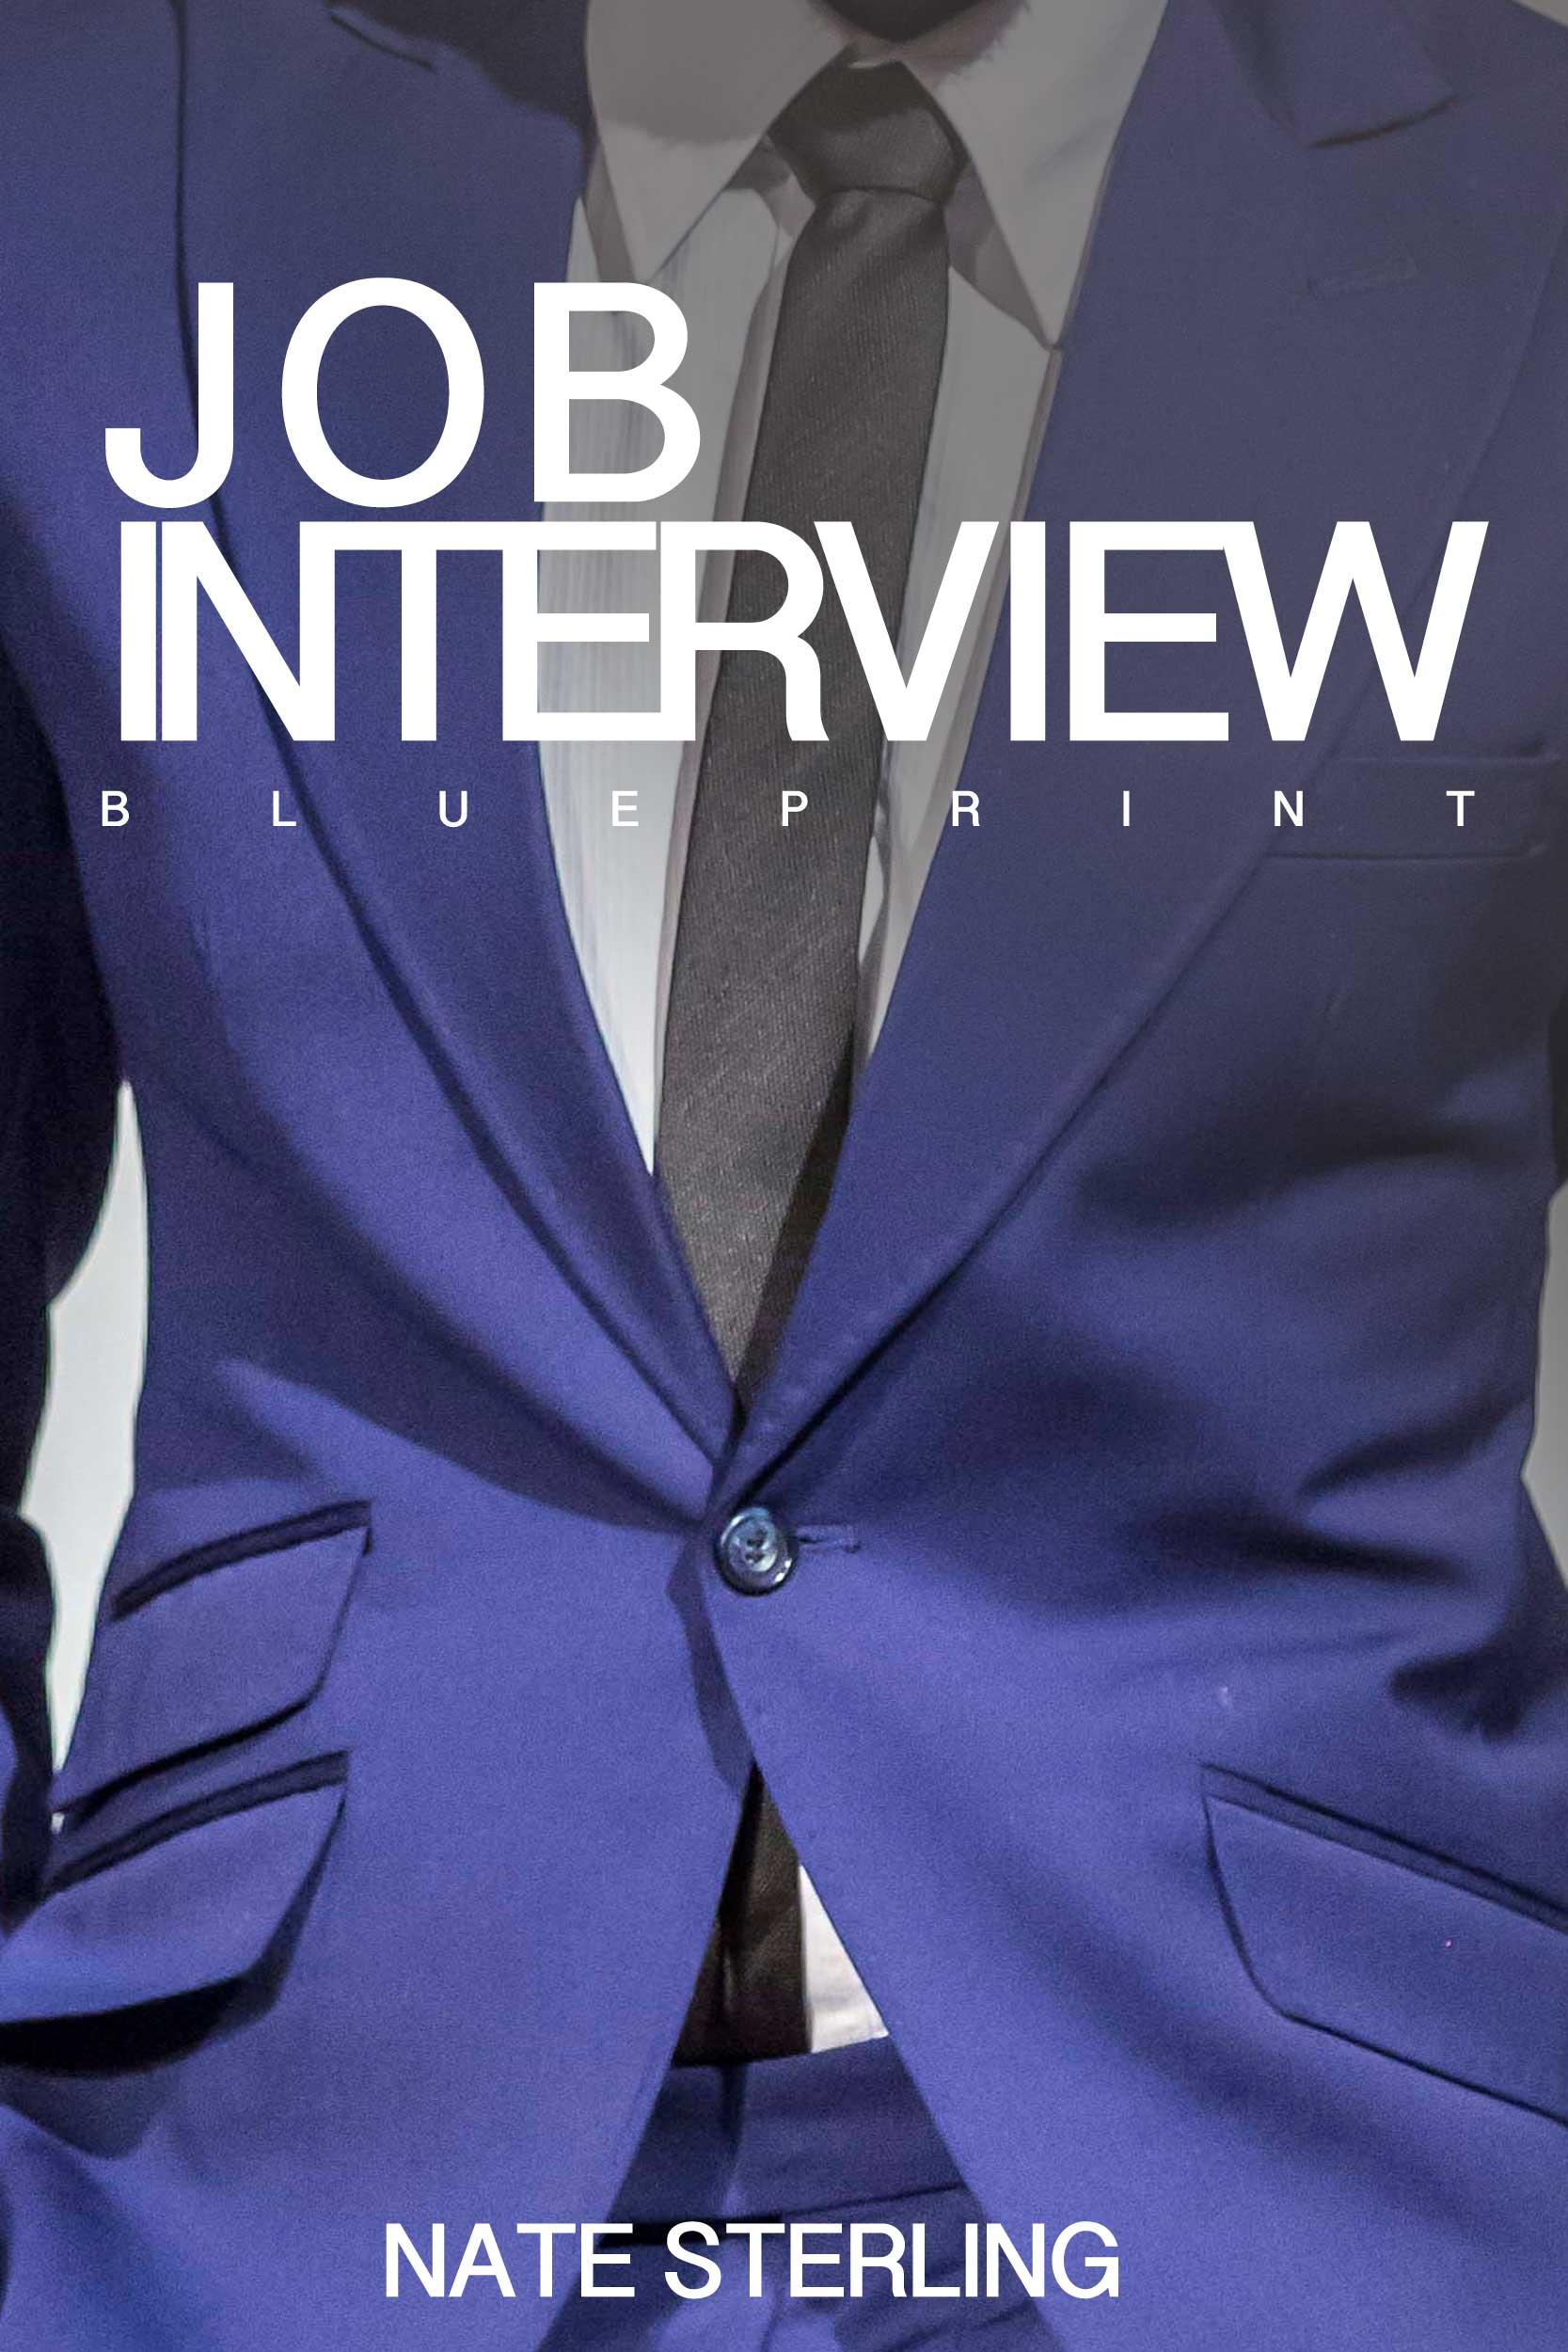 JOB-INTERVIEW-BLUEPRINT